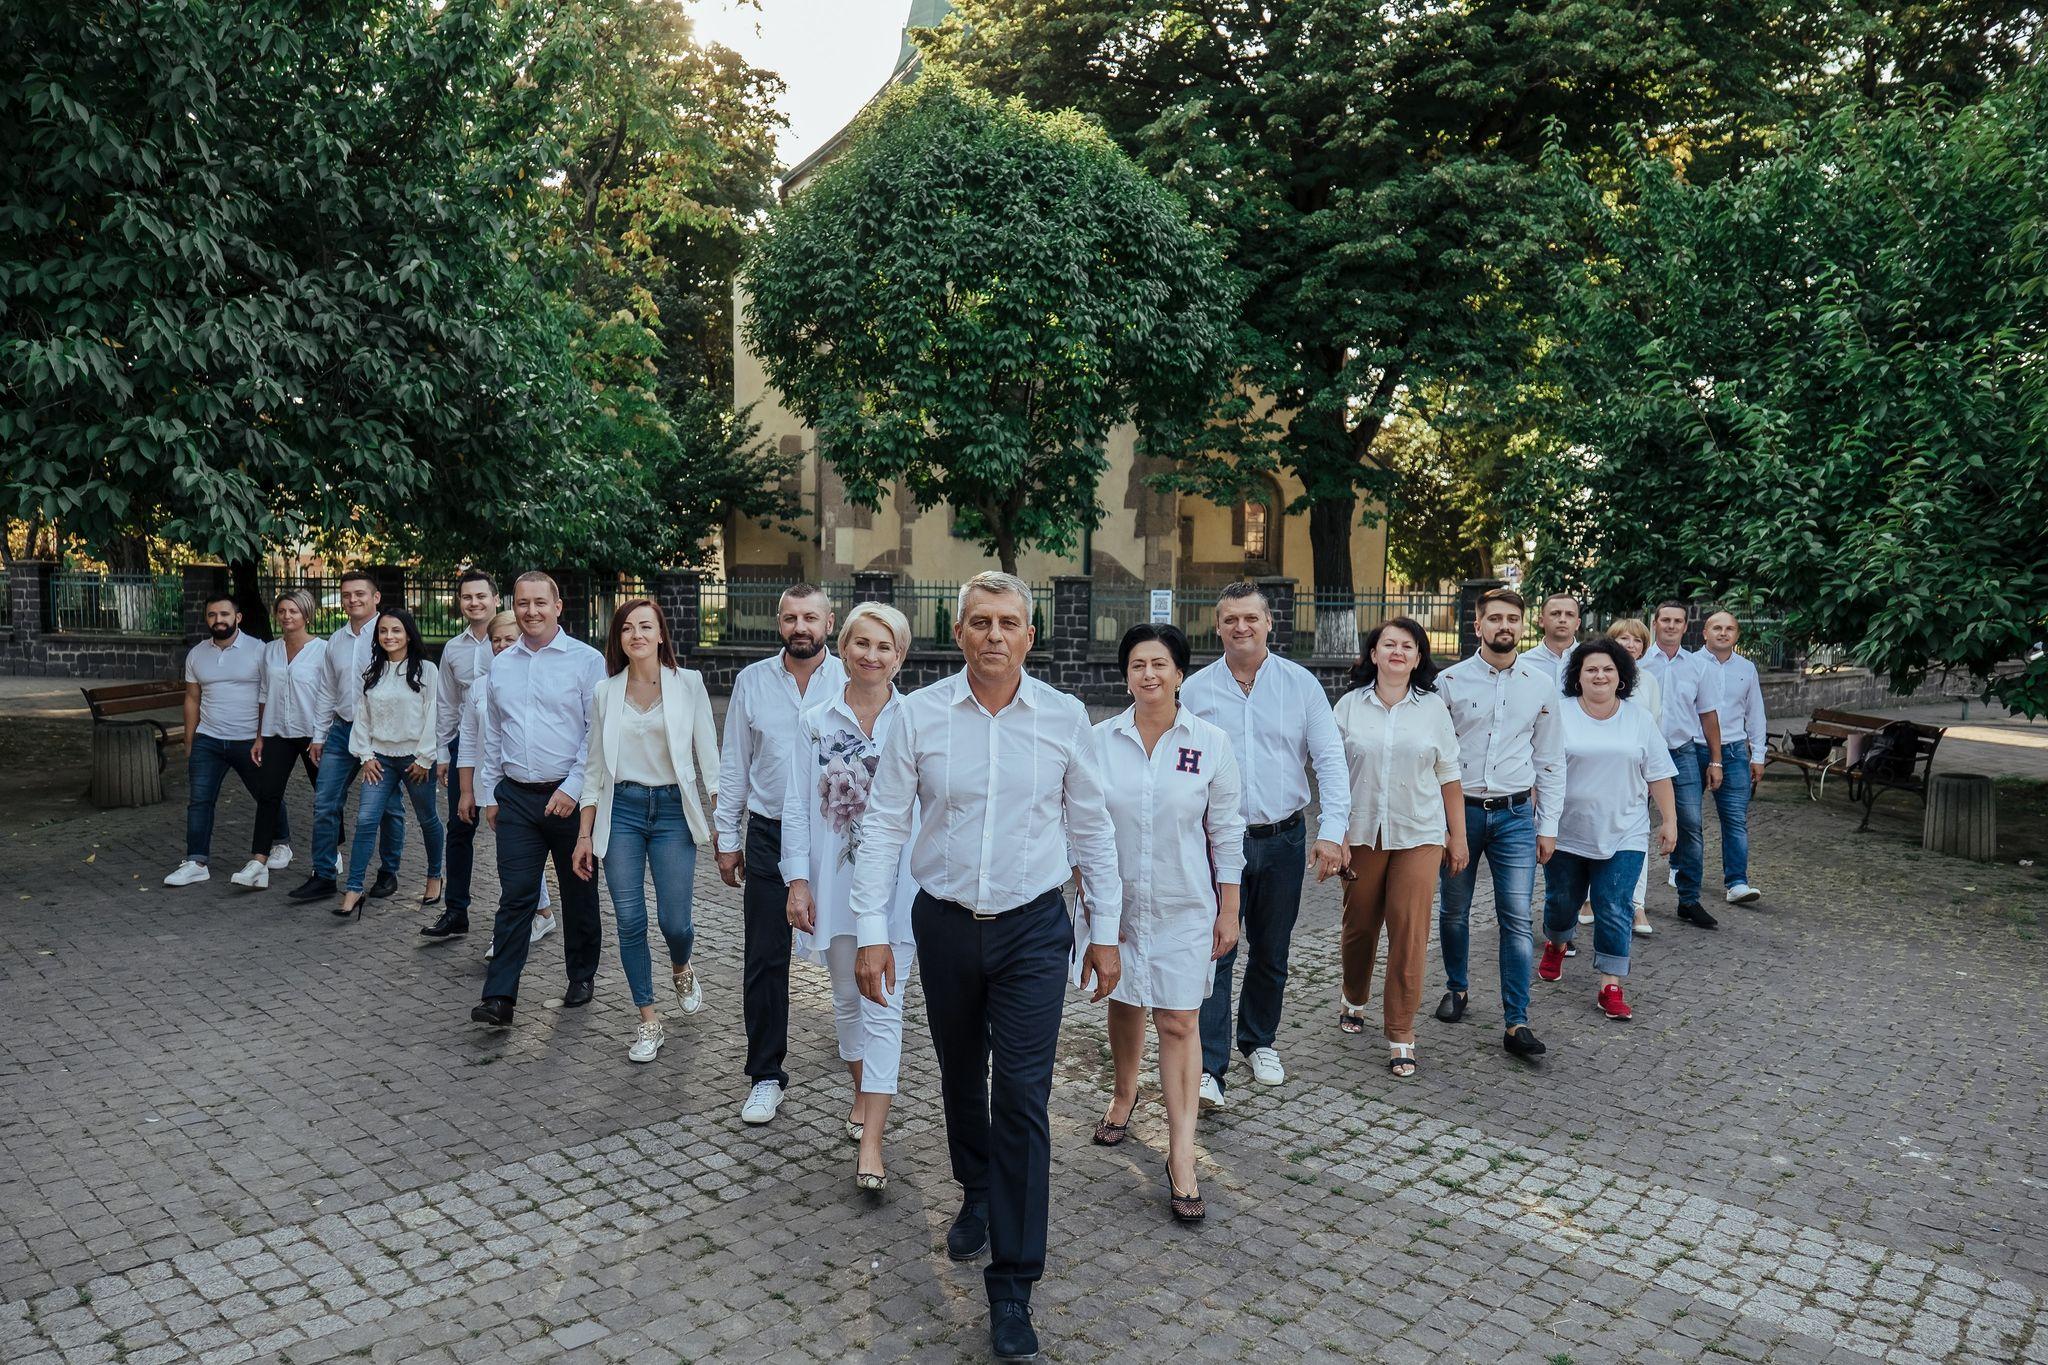 Серед інших кандидатів на посаду голови Виноградівської ОТГ Іван Бушко помітно виділяється значним  досвідом господарника, громадського й політичного діяча.